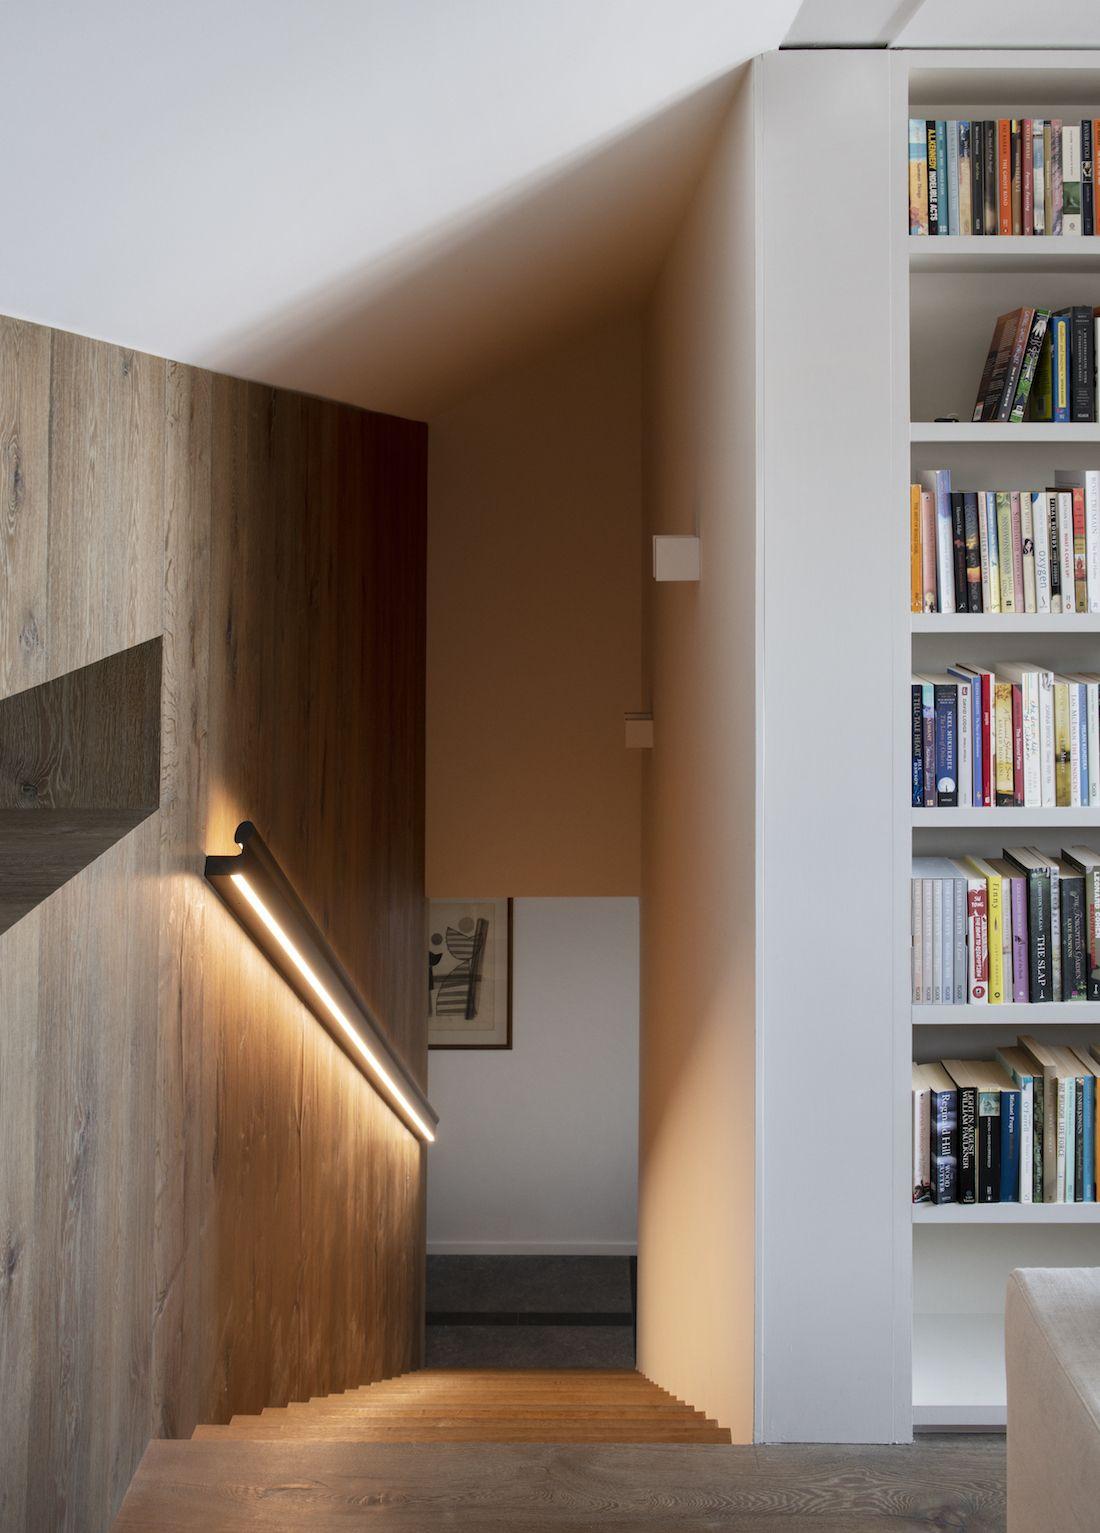 Architectures Genève - Architectures d'intérieur Genève - Interior Design - Nyon - Flat 5